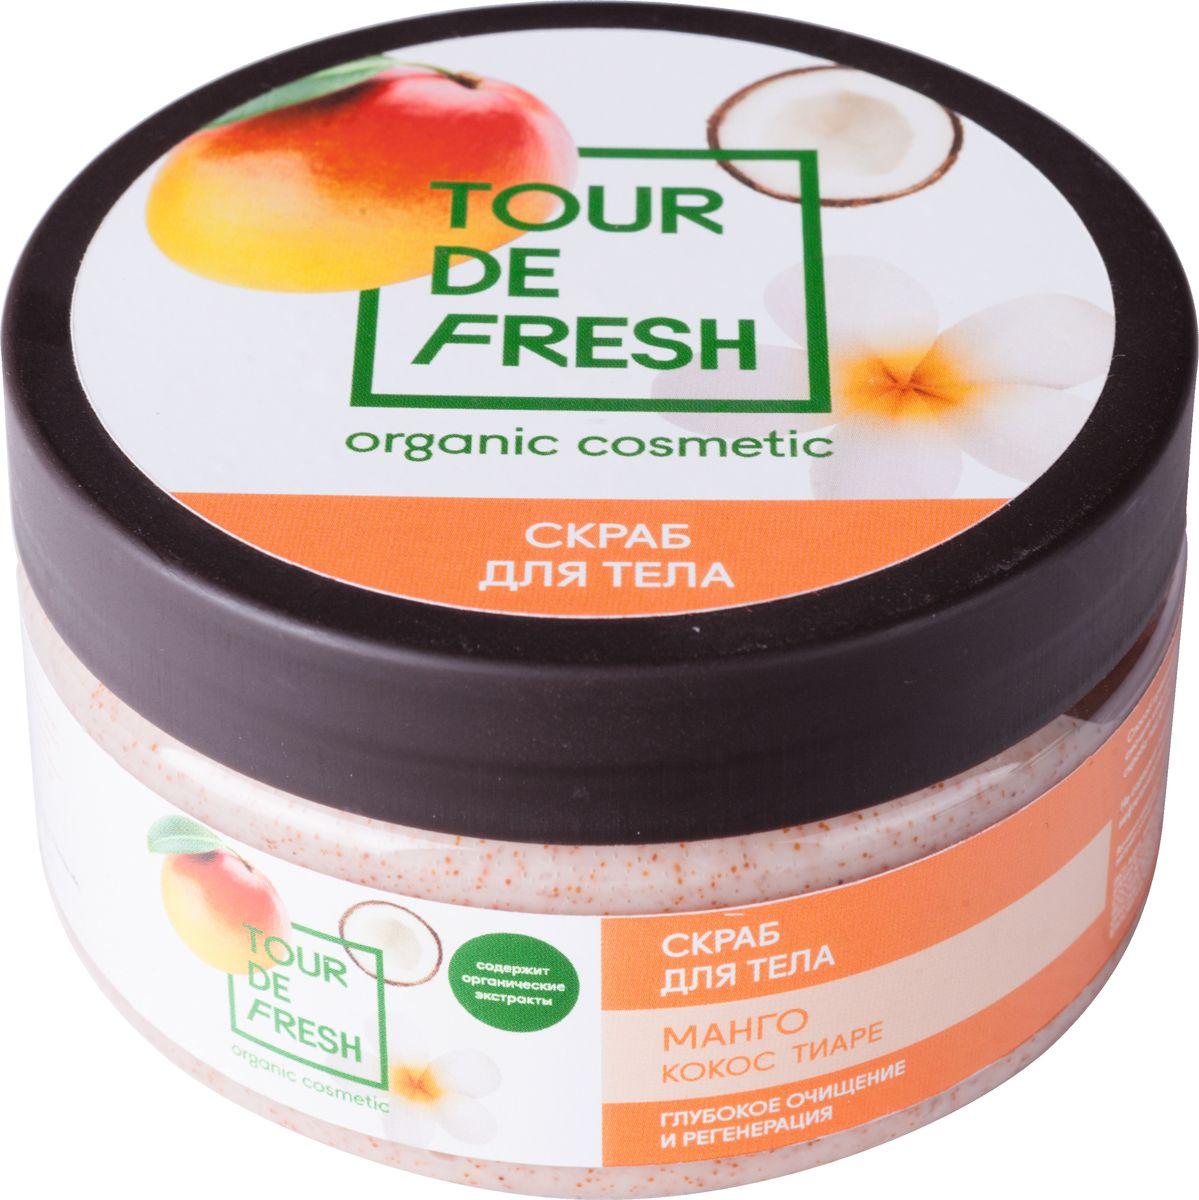 Tour De Fresh Скраб для тела Манго, кокос и тиарэ, 200 млУФ000000352Скраб для тела Манго-кокос-тиаре - отличное решение для поддержания гладкости и упругости вашей кожи. Мягкие отшелушивающие частицы на основе скорлупы кедрового ореха эффективно удаляют омертвевшие клетки, не царапая и не раздражая кожу. Экстракт манго глубоко питает кожу, предупреждая увядание, сухость и шелушение. Кокосовое масло выступает как естественный барьер, защищающий чувствительную кожу от внешних воздействий.